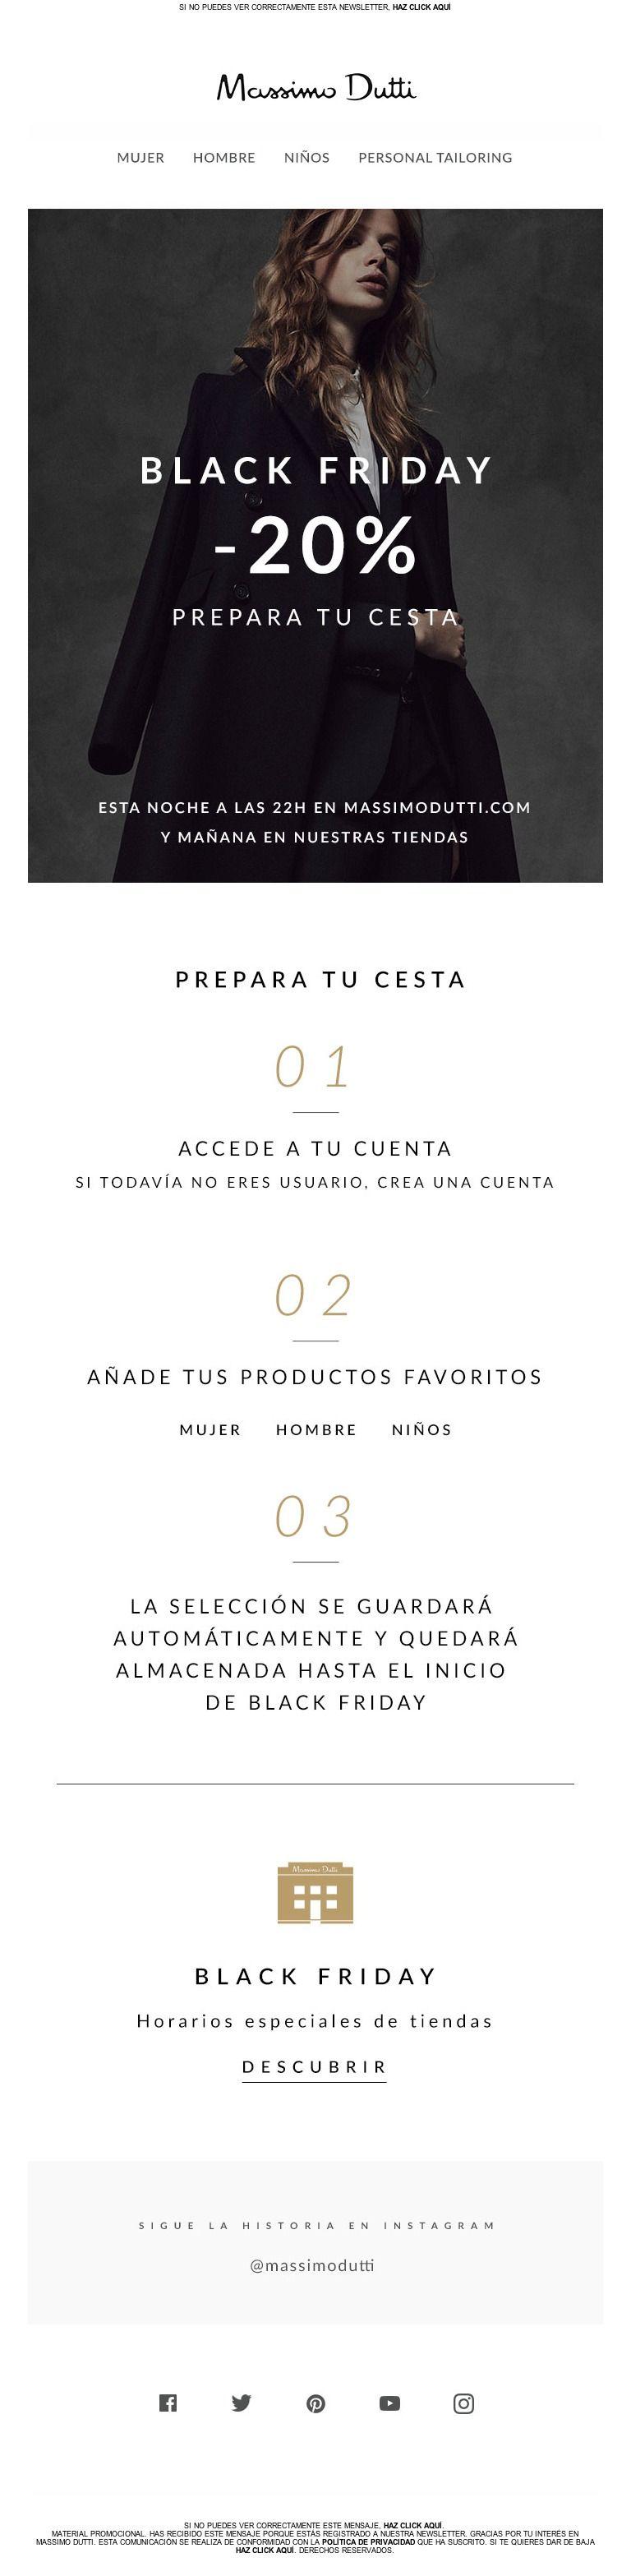 Massimo Dutti - ¡Prepara tu cesta para el Black Friday! Envío estándar sin coste.